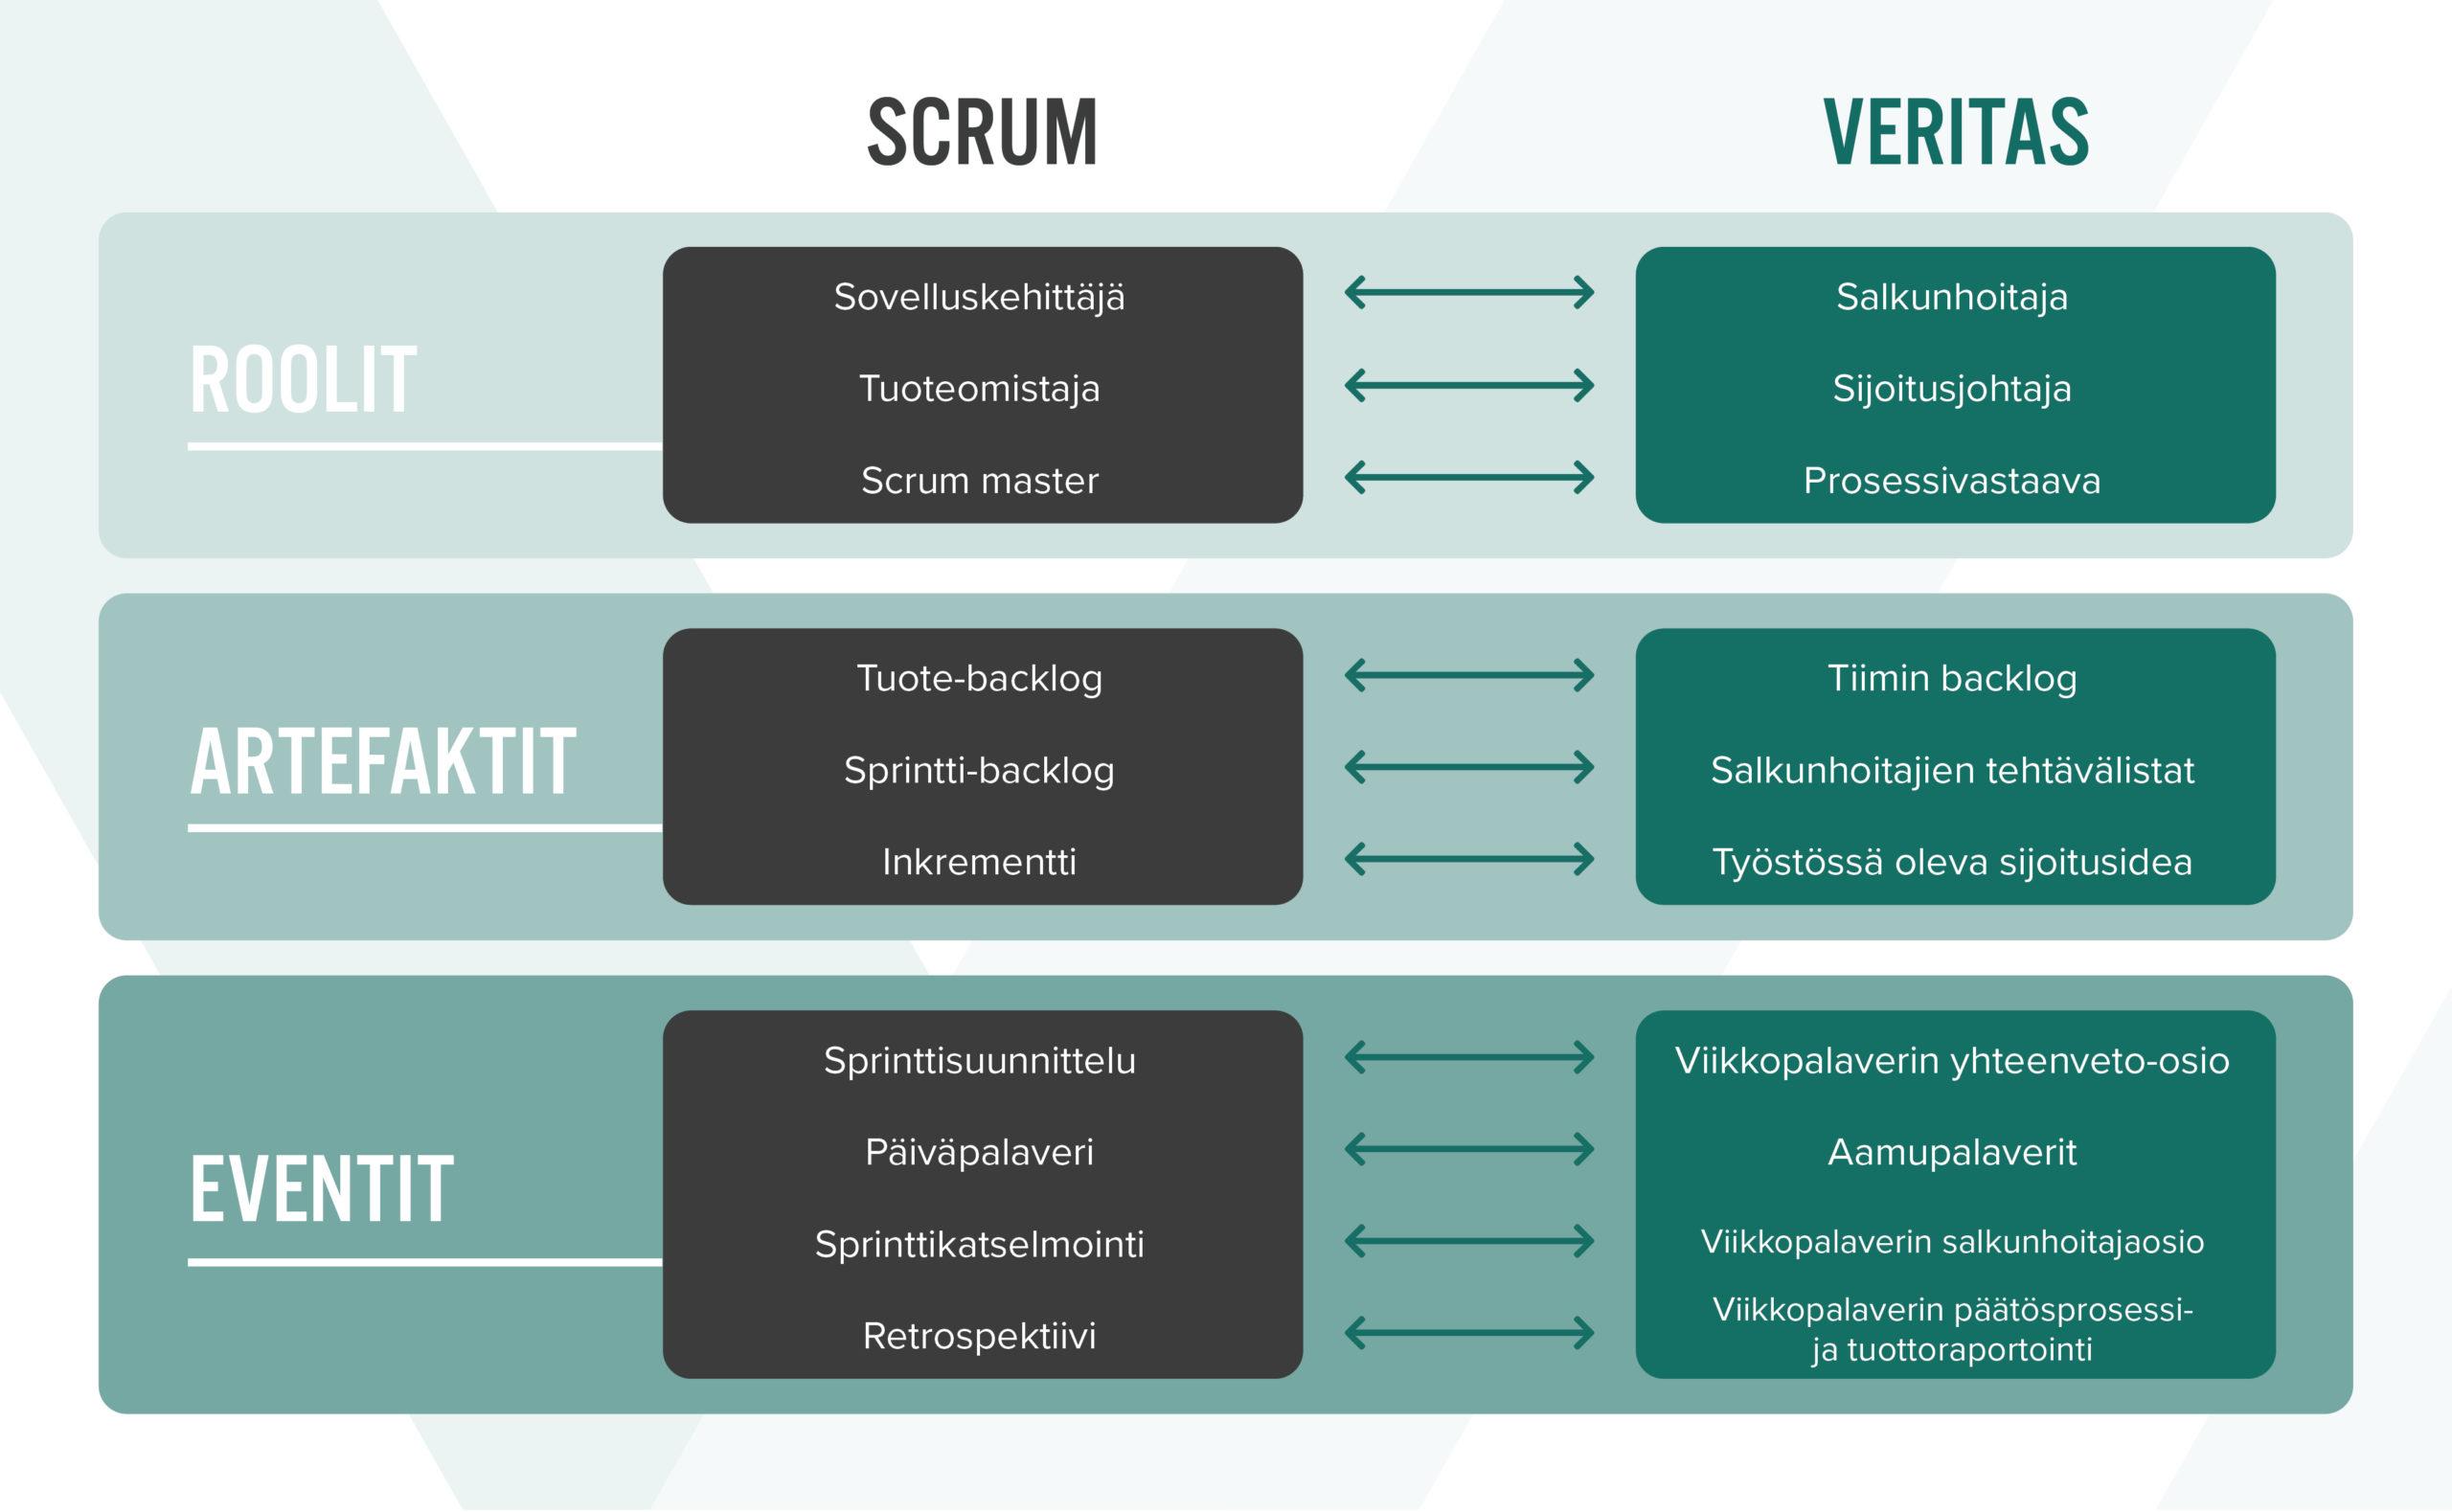 Scrumin roolit: sovelluskehittäjä, tuoteomistaja ja scrum master. Veritaksen roolit: salkunhoitaja, sijoitusjohtaja ja prosessivastaava.